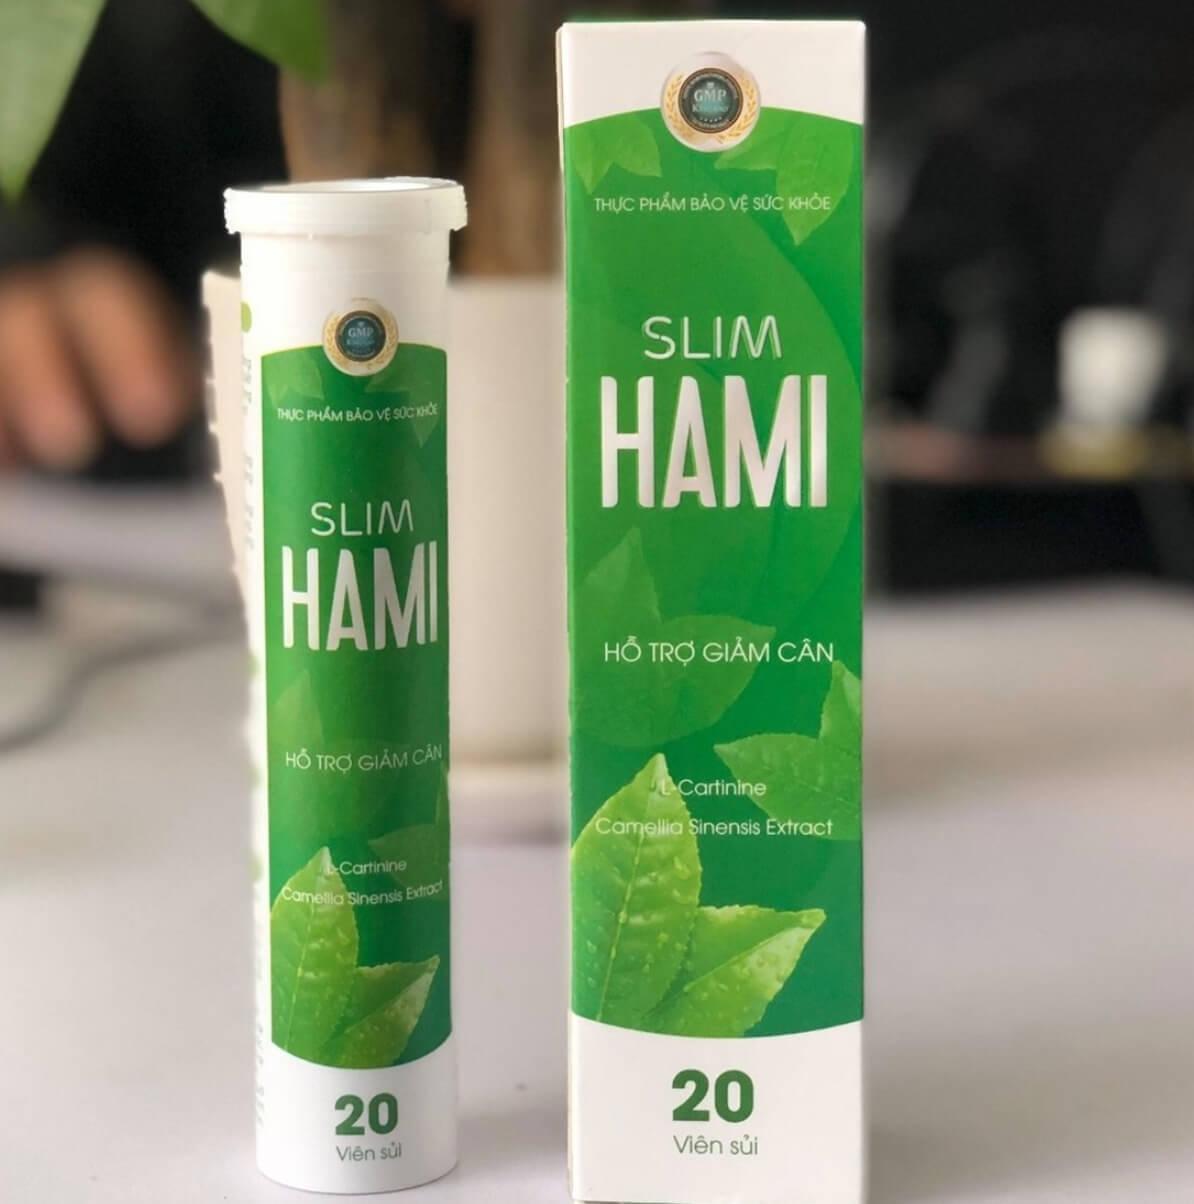 Review viên sủi giảm cân Slim Hami có tốt không? Giá bao nhiêu?